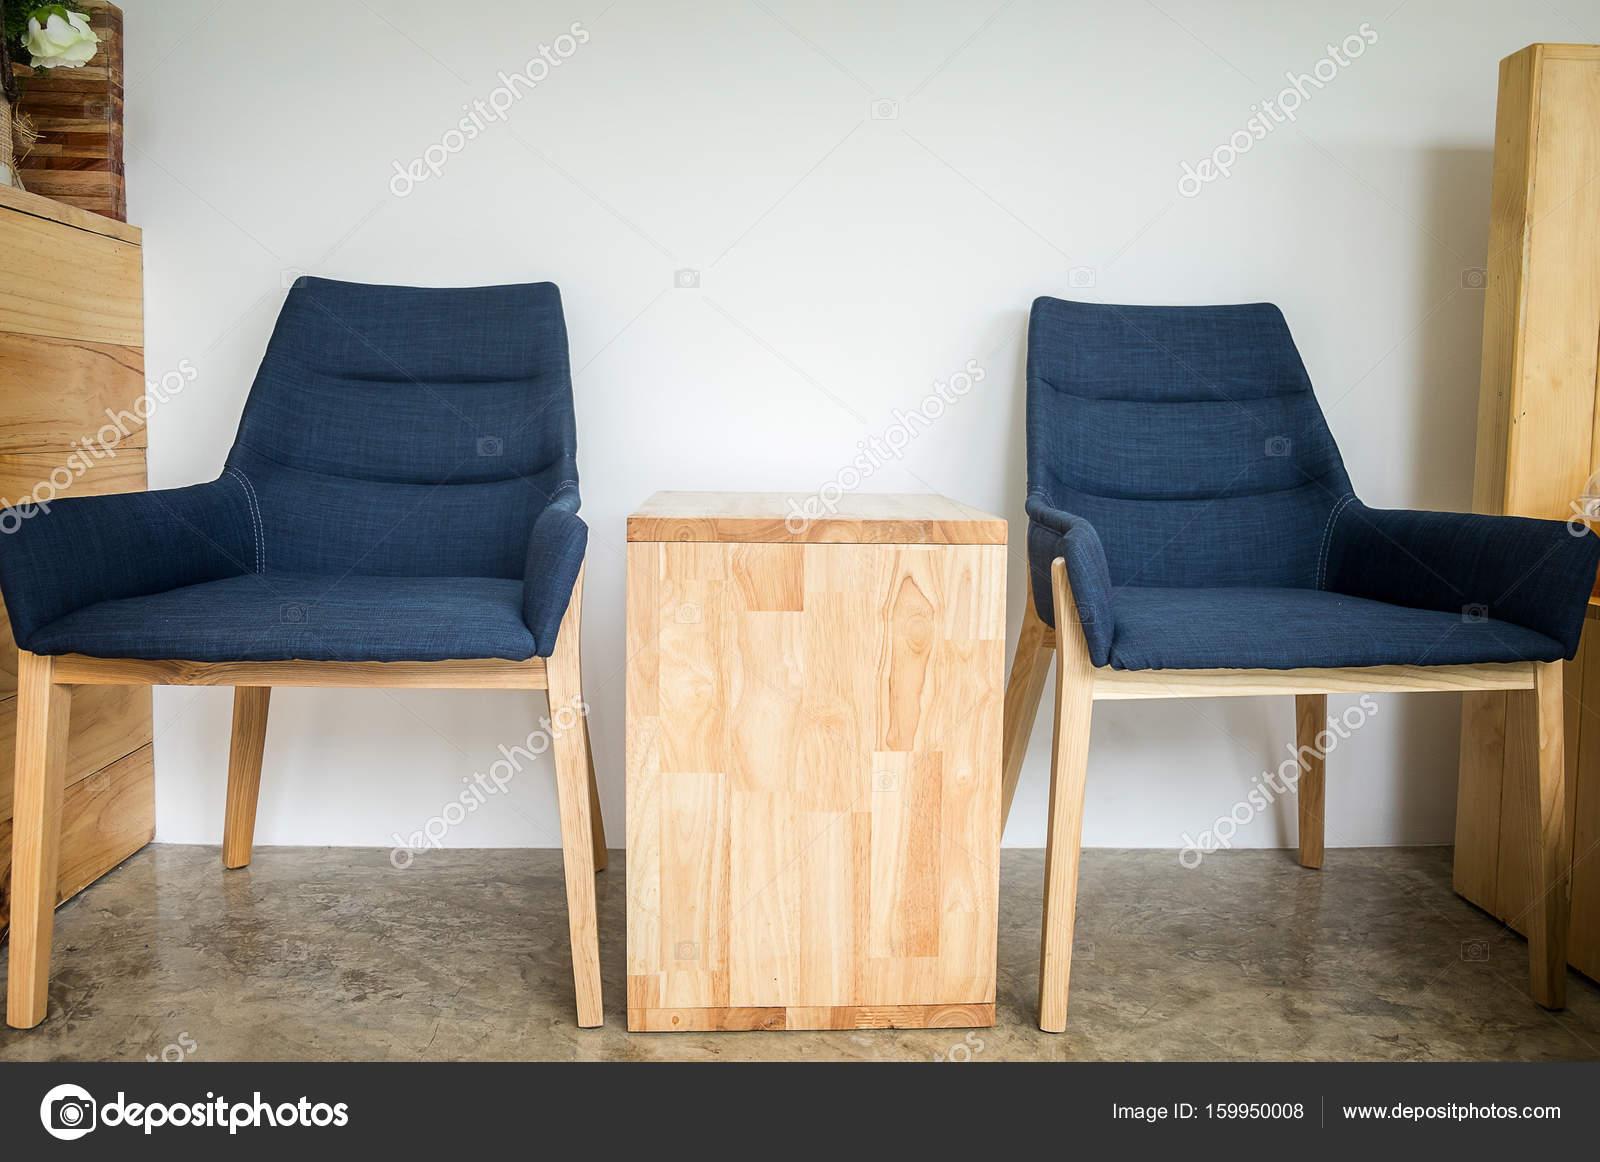 Cafe Wnętrze Wolna Niebieskie Krzesła W Kawiarni I Stół